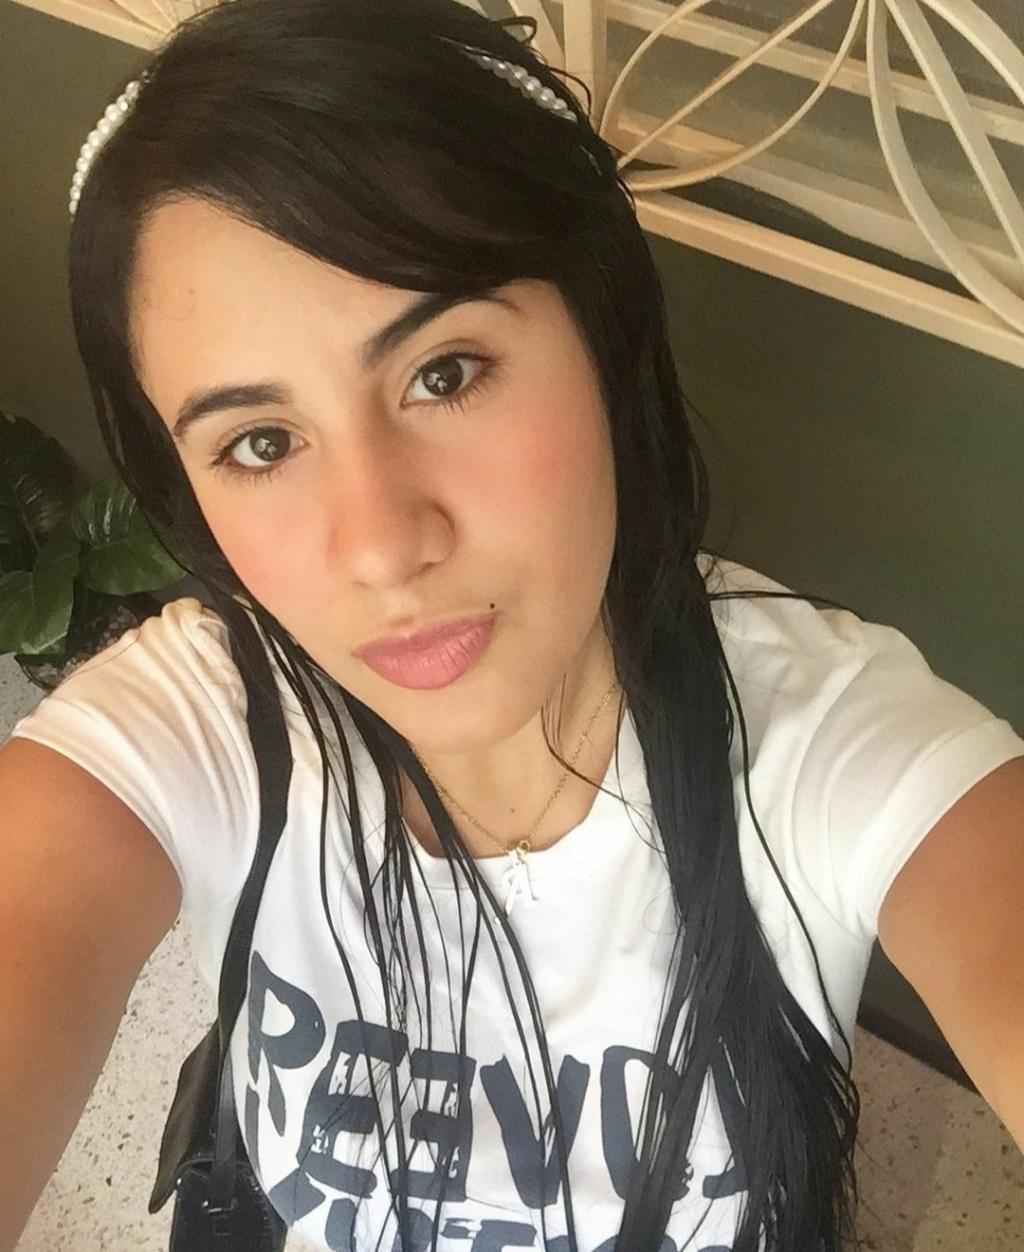 DEBATE sobre belleza, guapura y hermosura (fotos de chicas latinas, mestizas, y de todo) - VOL II - Página 3 Img_1068